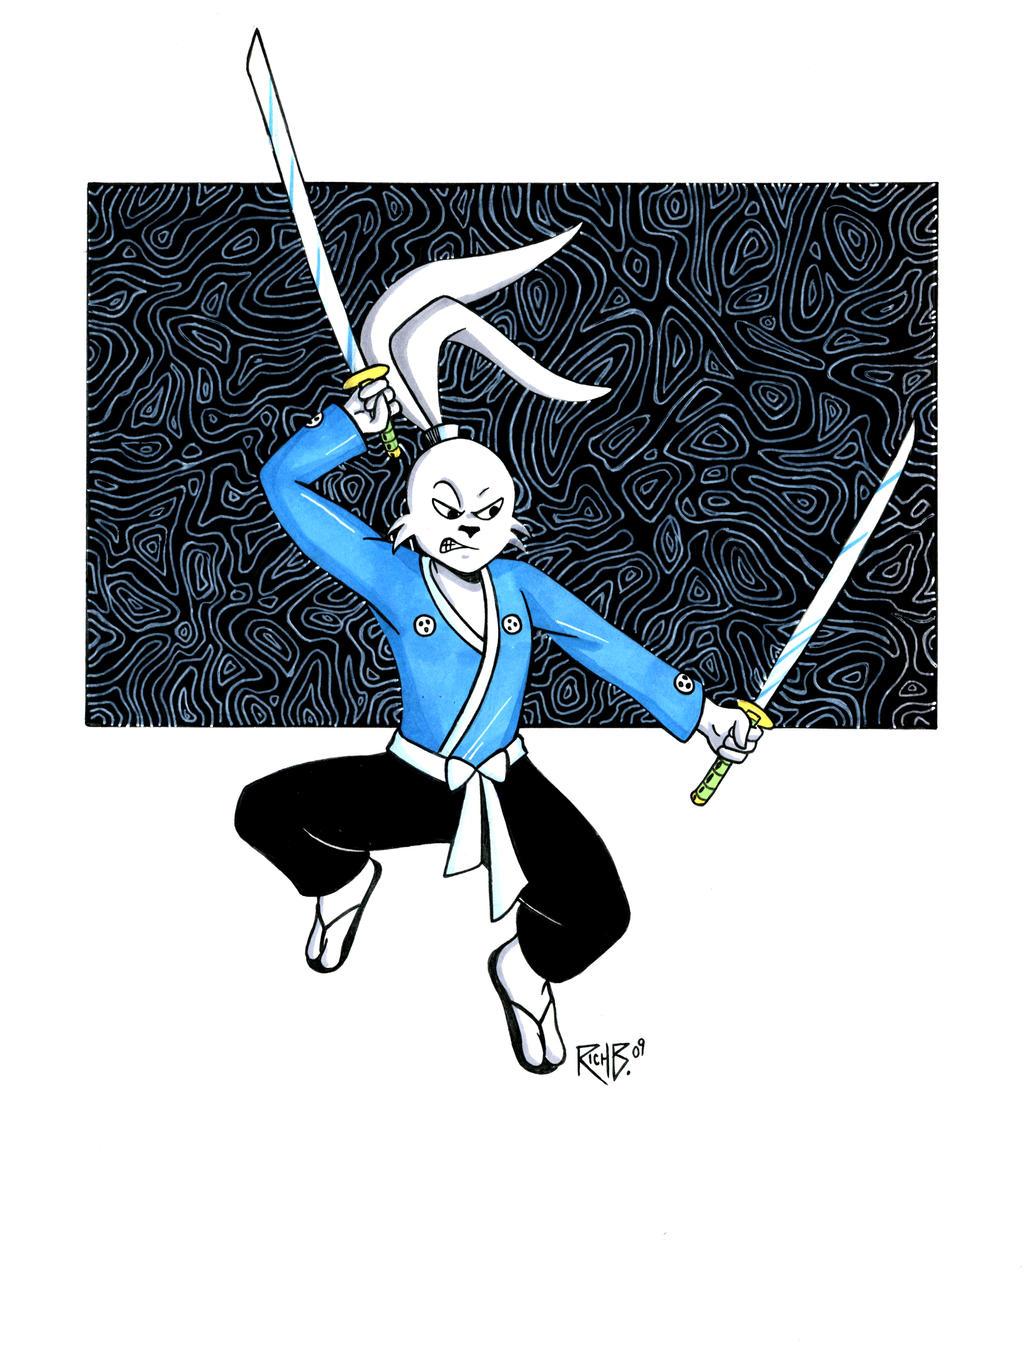 Usagi Yojimbo Auction Donation by RichBernatovech